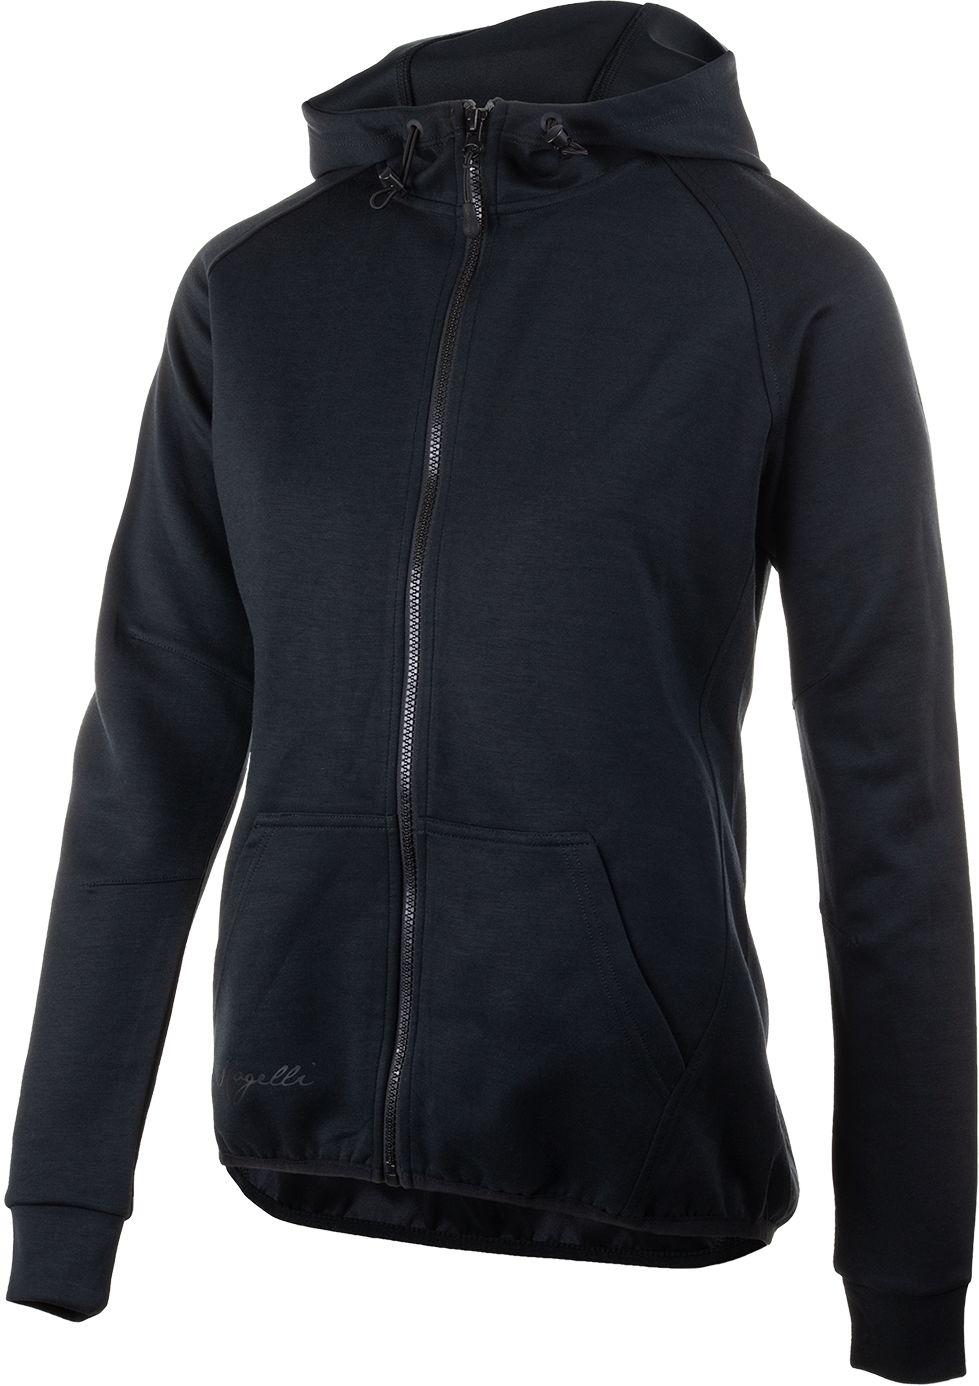 ROGELLI damska bluza z kapturem TRAINING czarna Rozmiar: M,050.610.XL